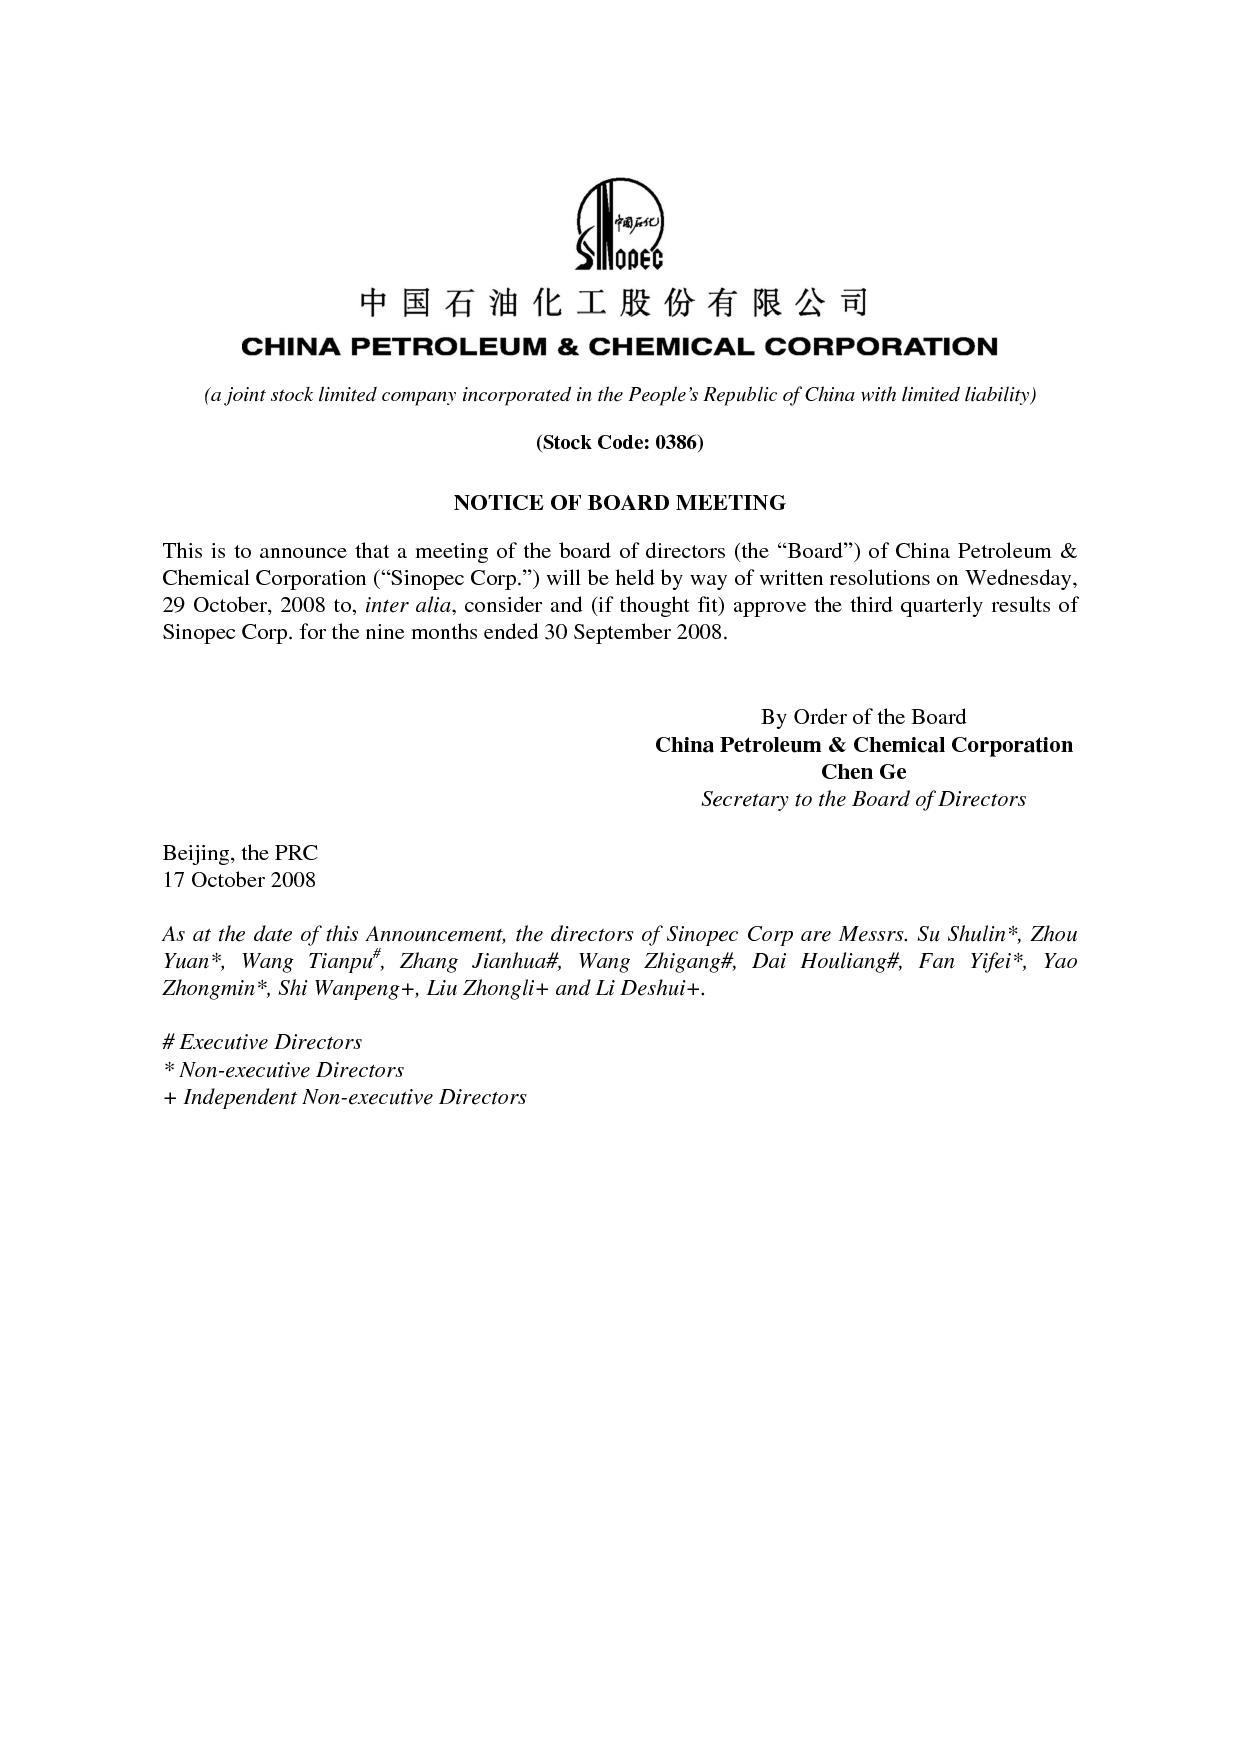 Board Of Directors Meeting Notice Example